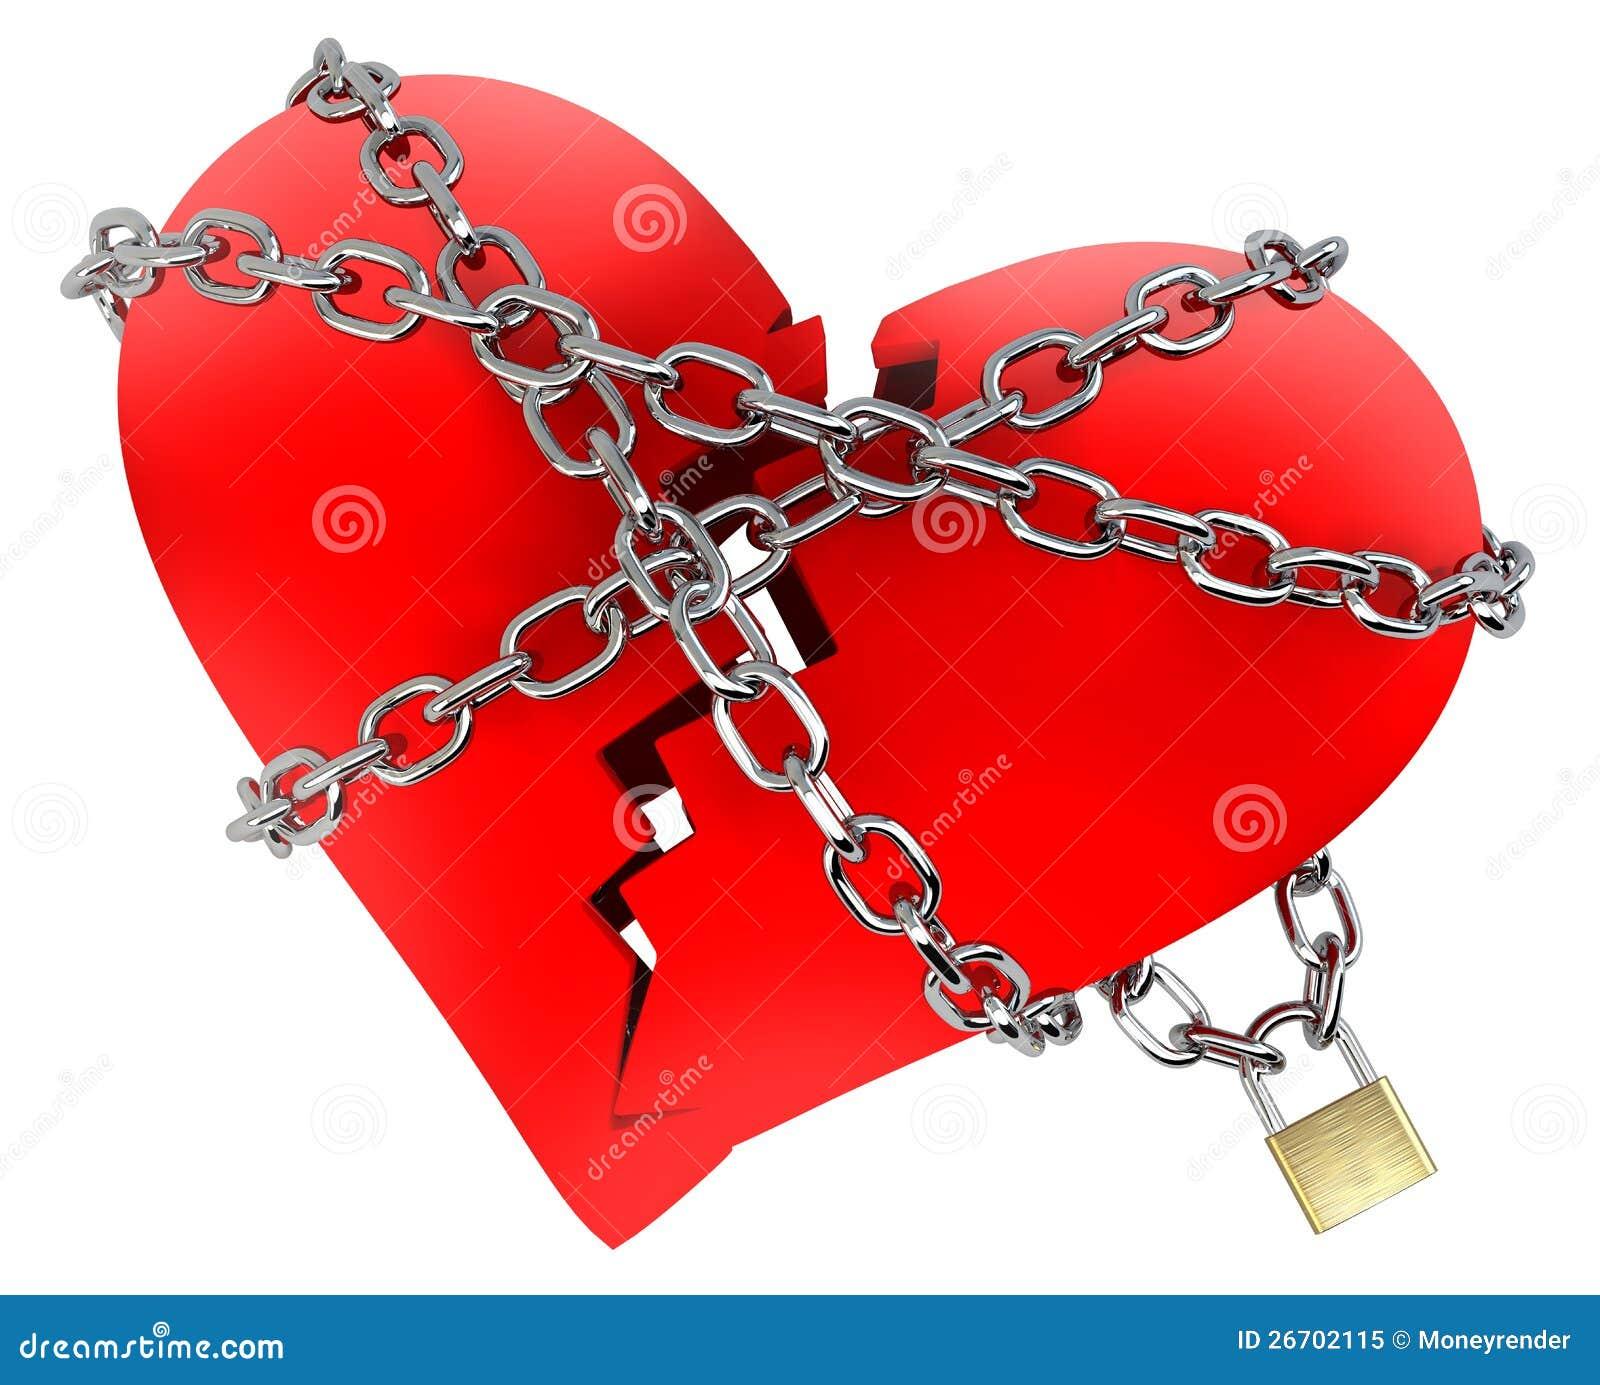 Citaten Gebroken Hart : Rood gebroken hart dat in ketting wordt verpakt stock